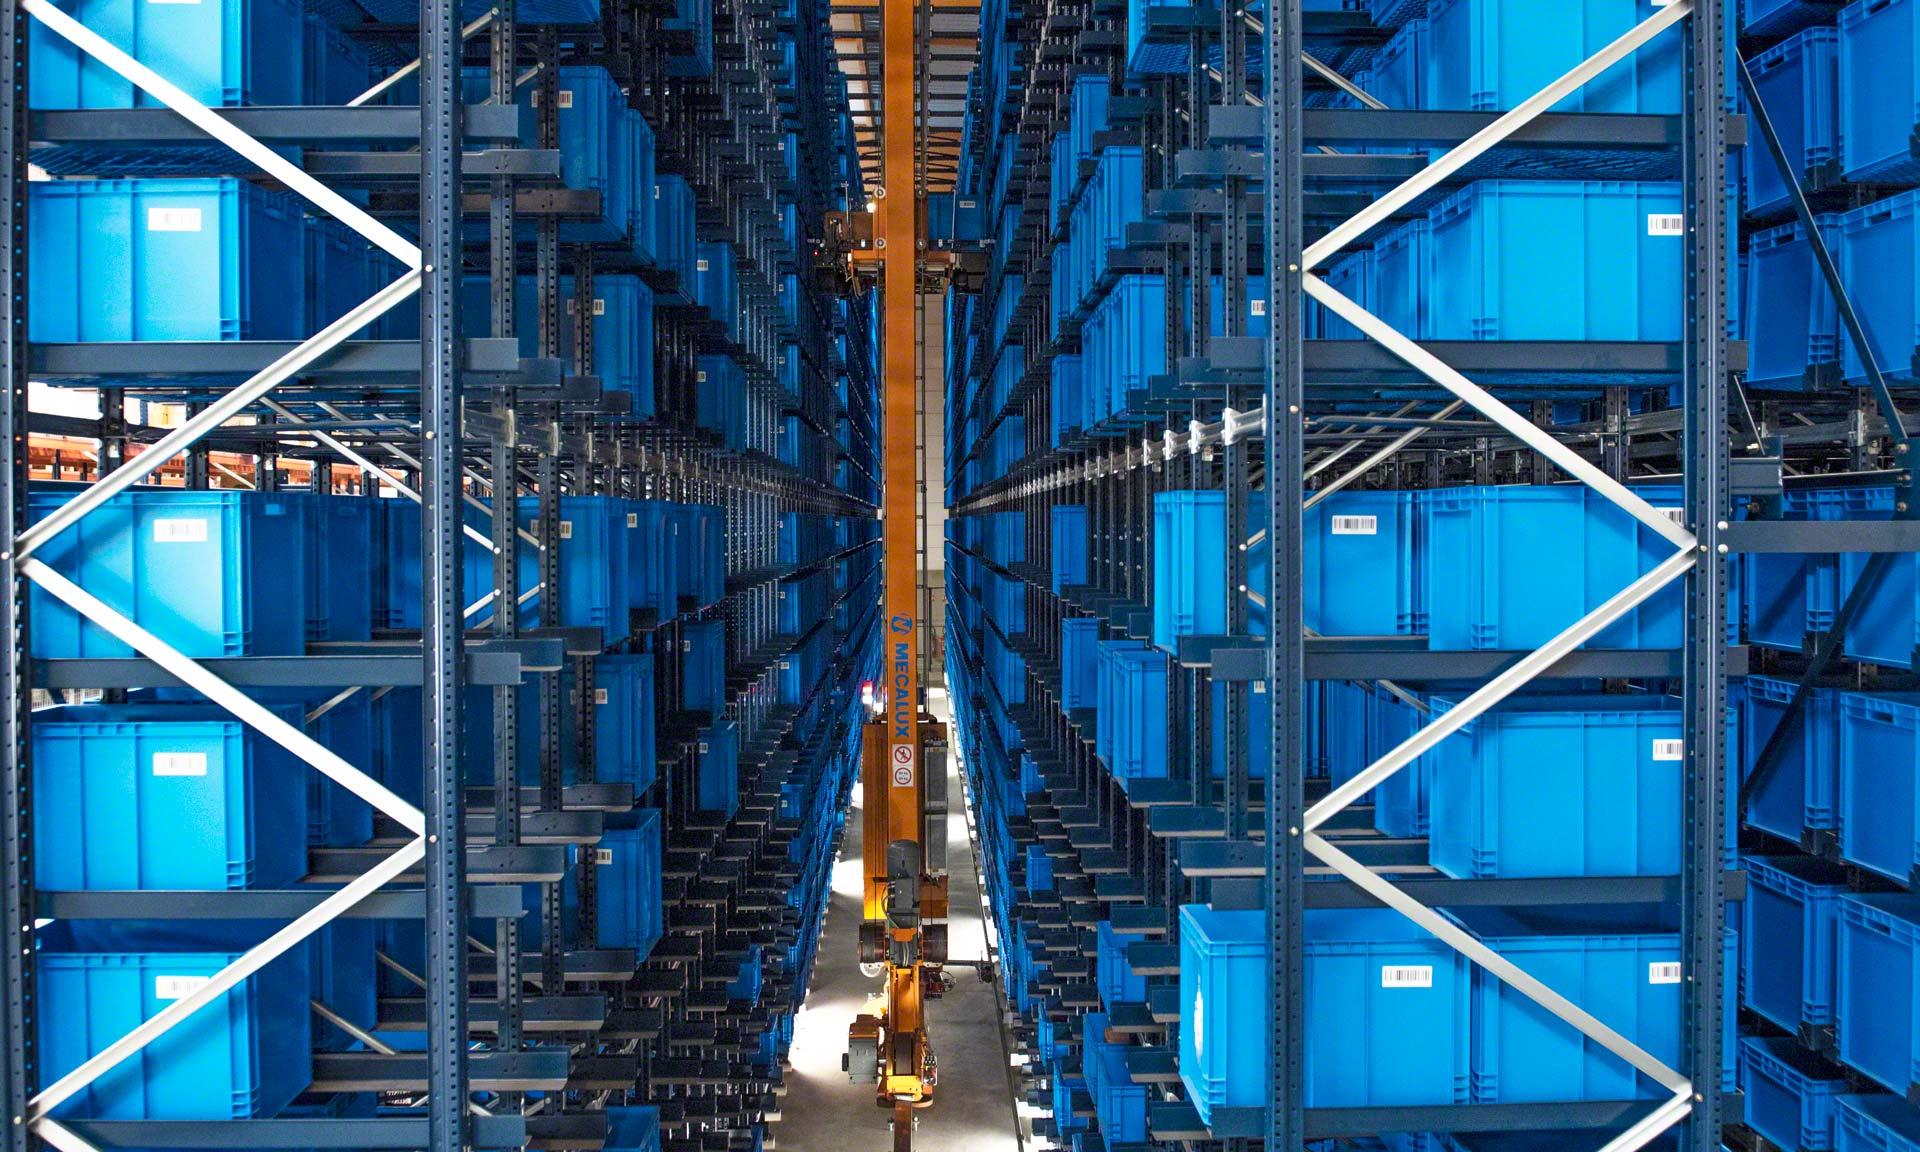 FIC: 60% of SKUs stored in 5% of floor space